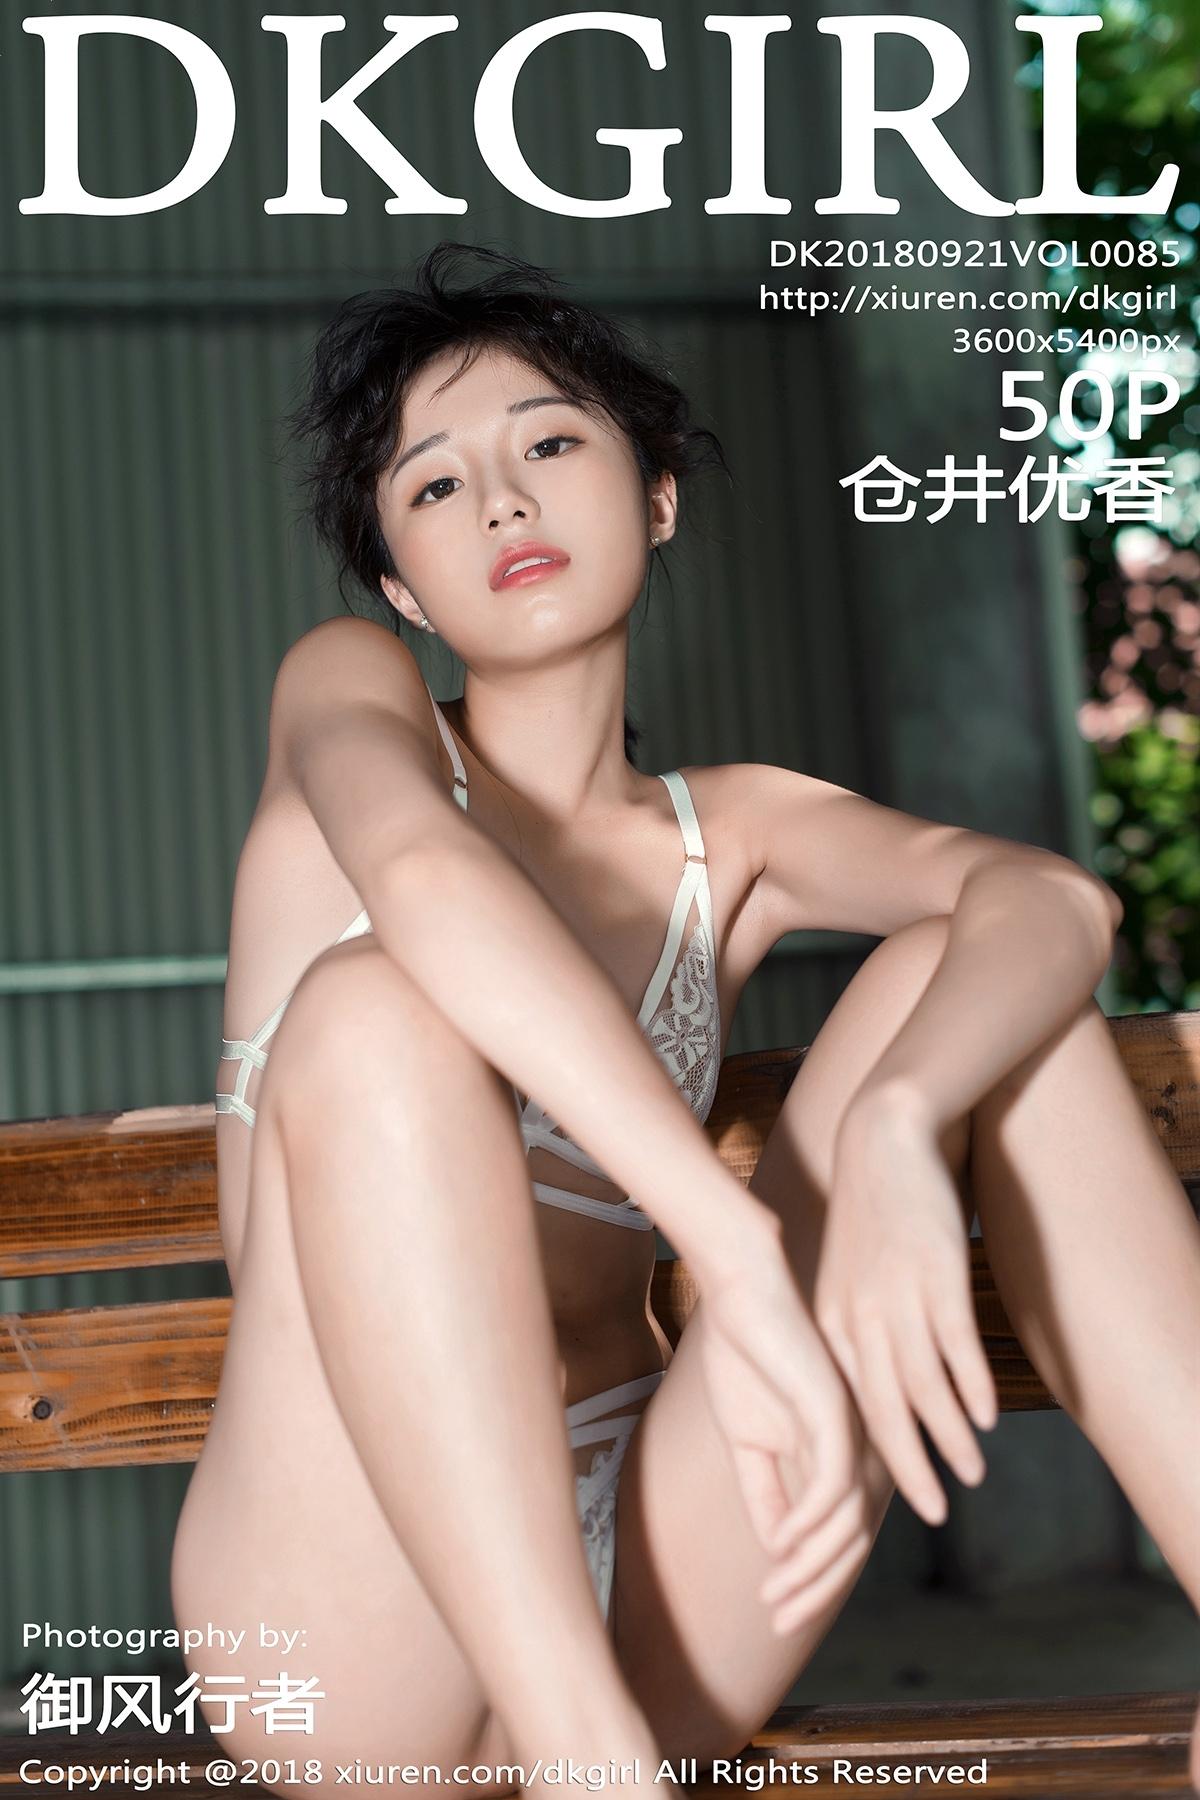 DKGirl御女郎 2018.09.21 Vol.085 仓井优香